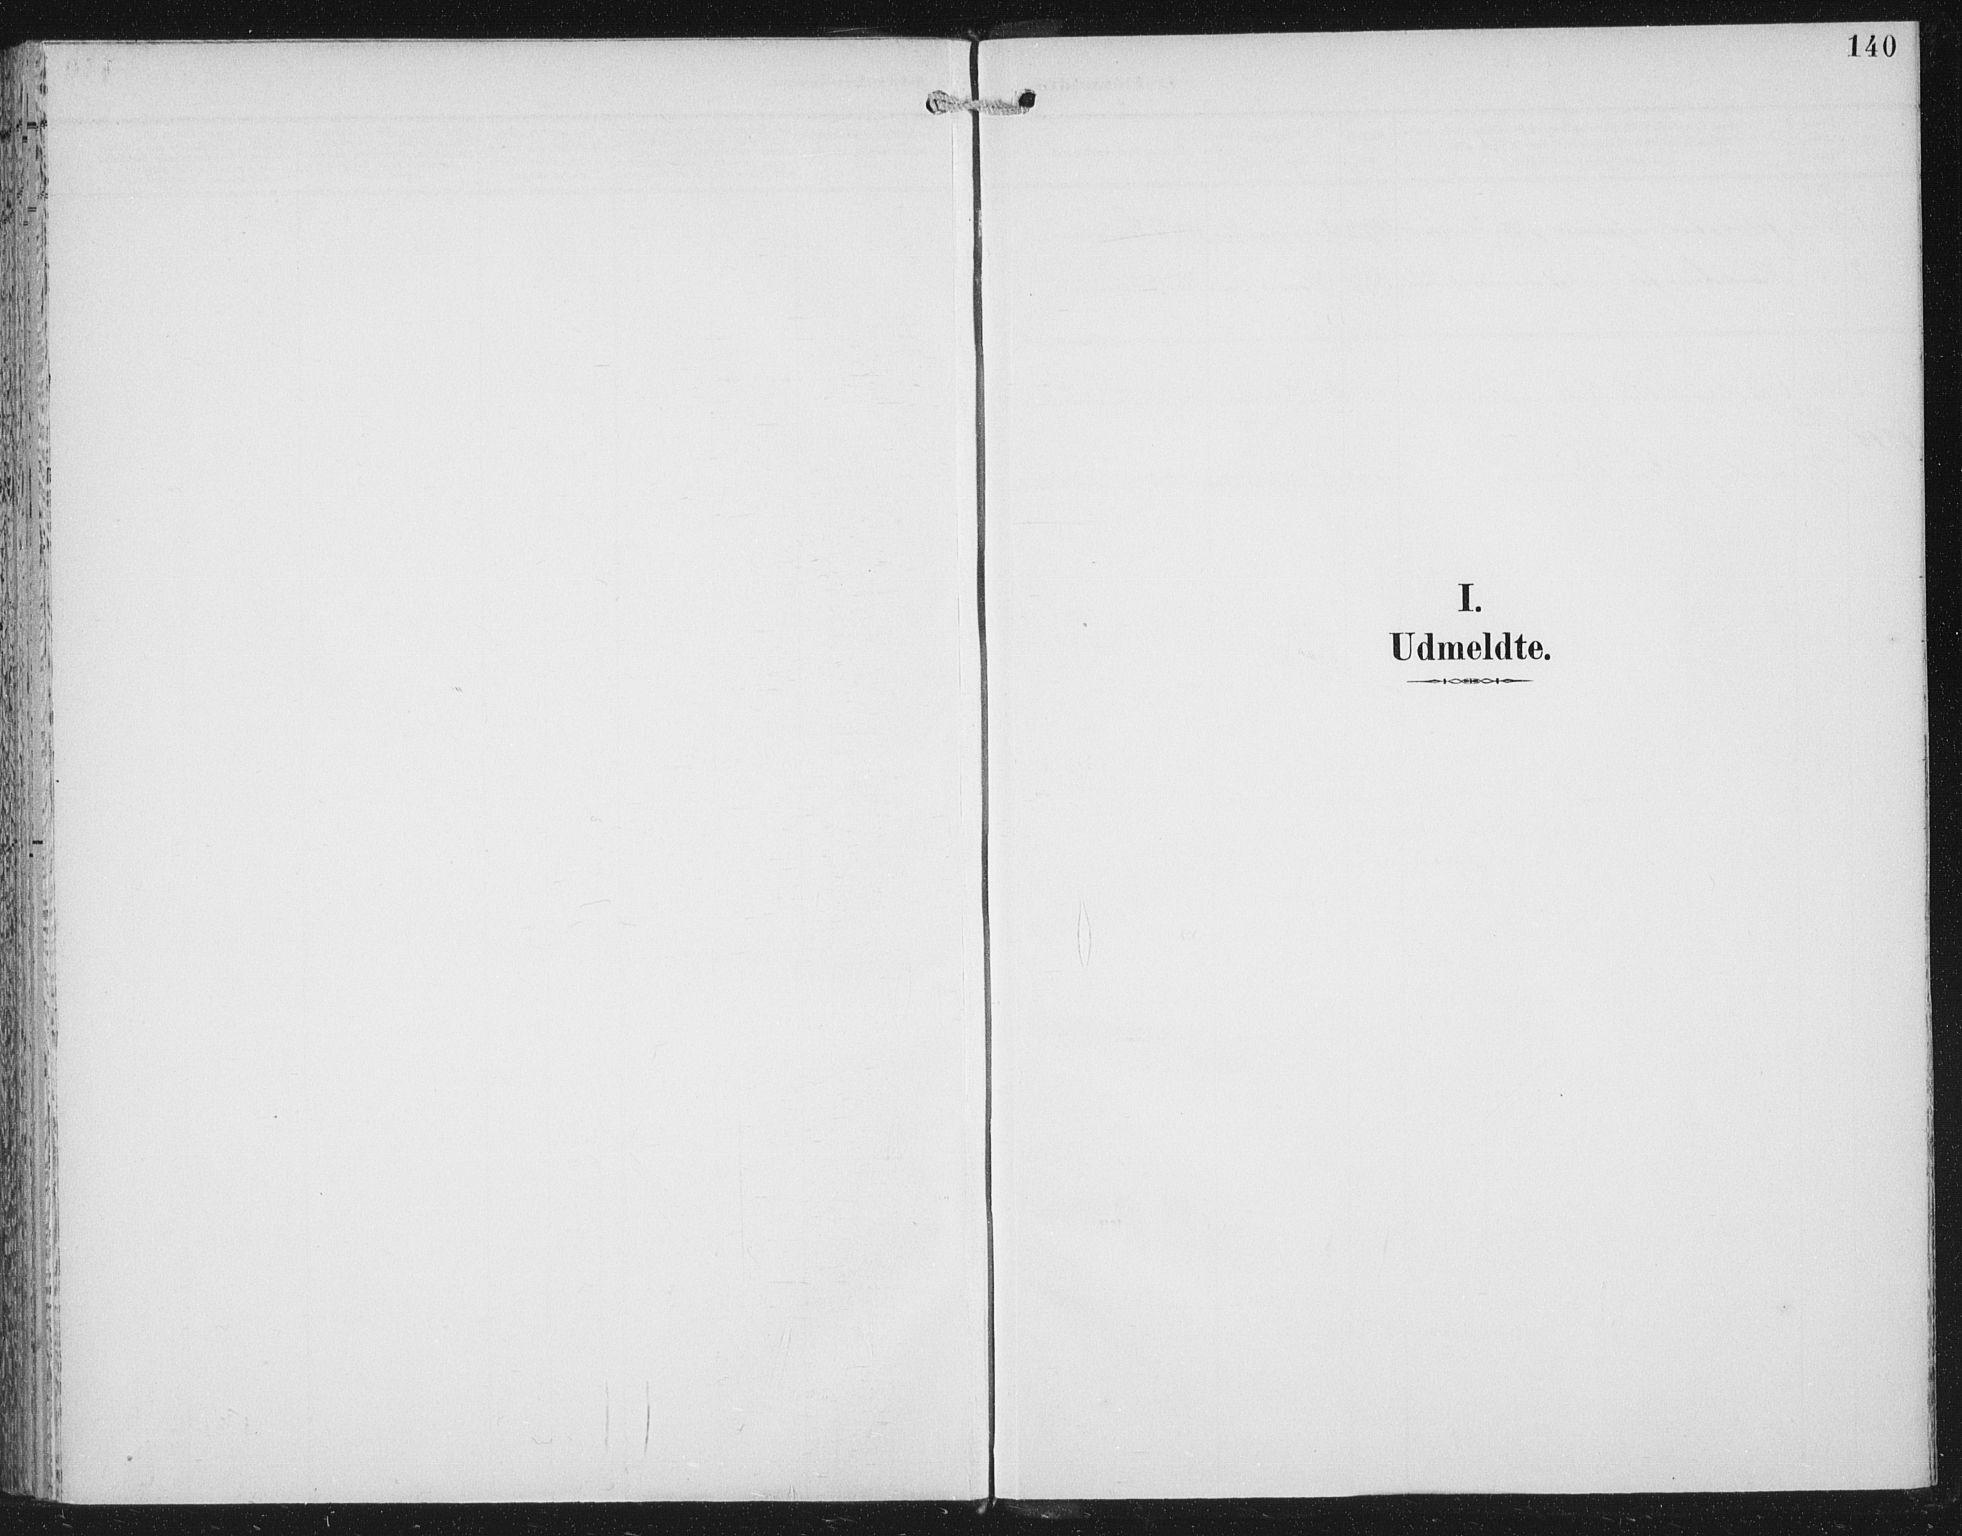 SAT, Ministerialprotokoller, klokkerbøker og fødselsregistre - Nord-Trøndelag, 702/L0024: Ministerialbok nr. 702A02, 1898-1914, s. 140